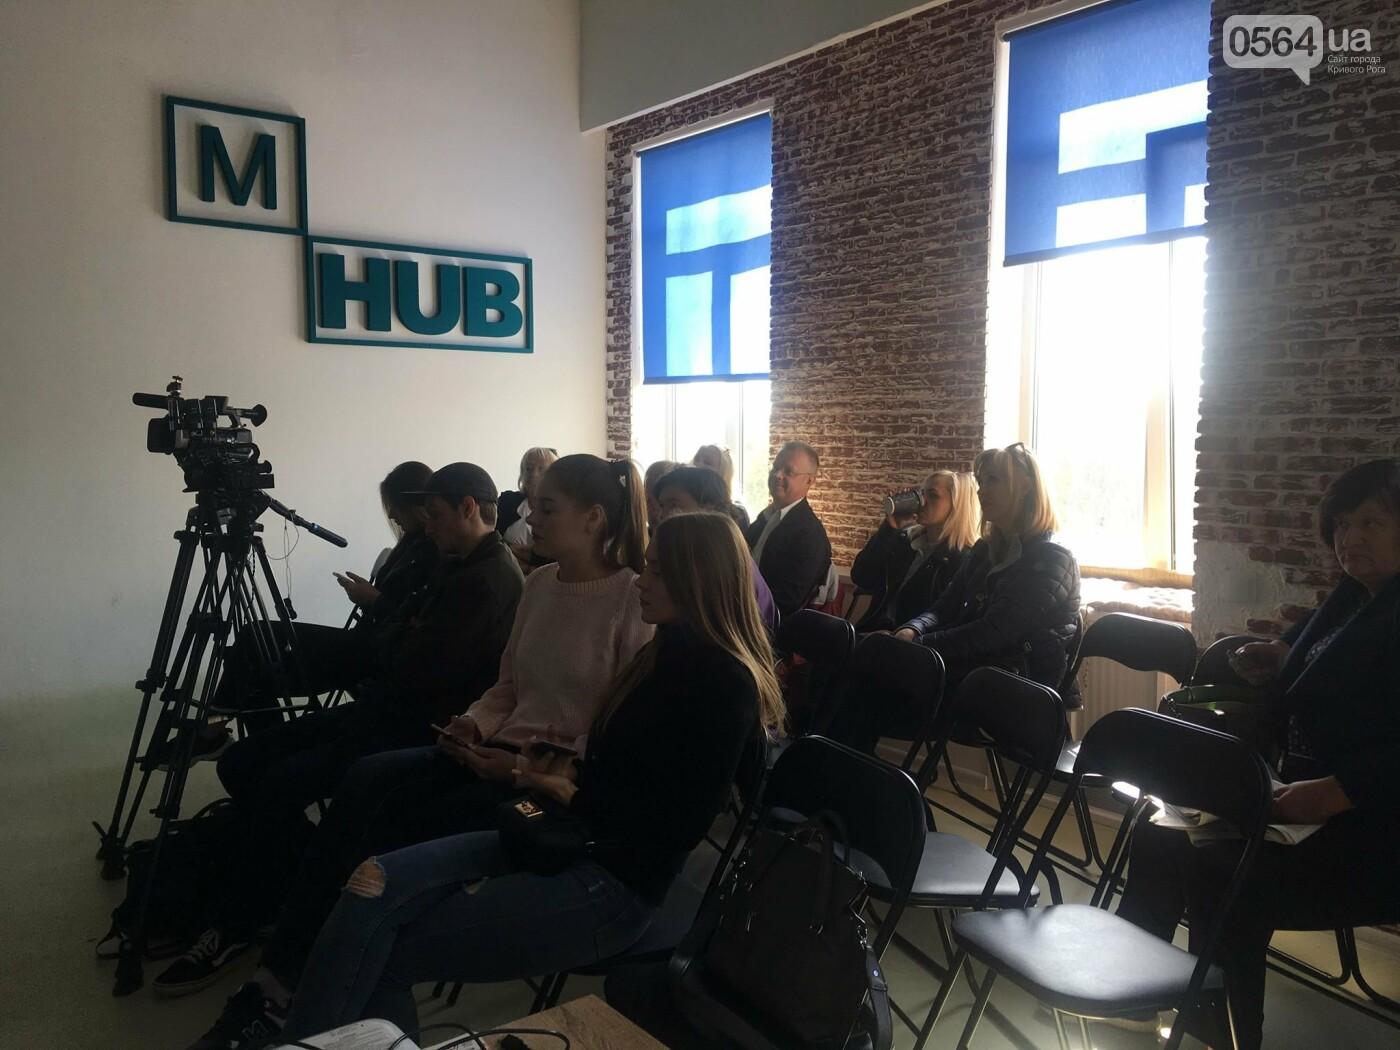 """В Кривом Роге презентовали онлайн-платформу """"Господарі"""", - ФОТО, ВИДЕО , фото-10"""